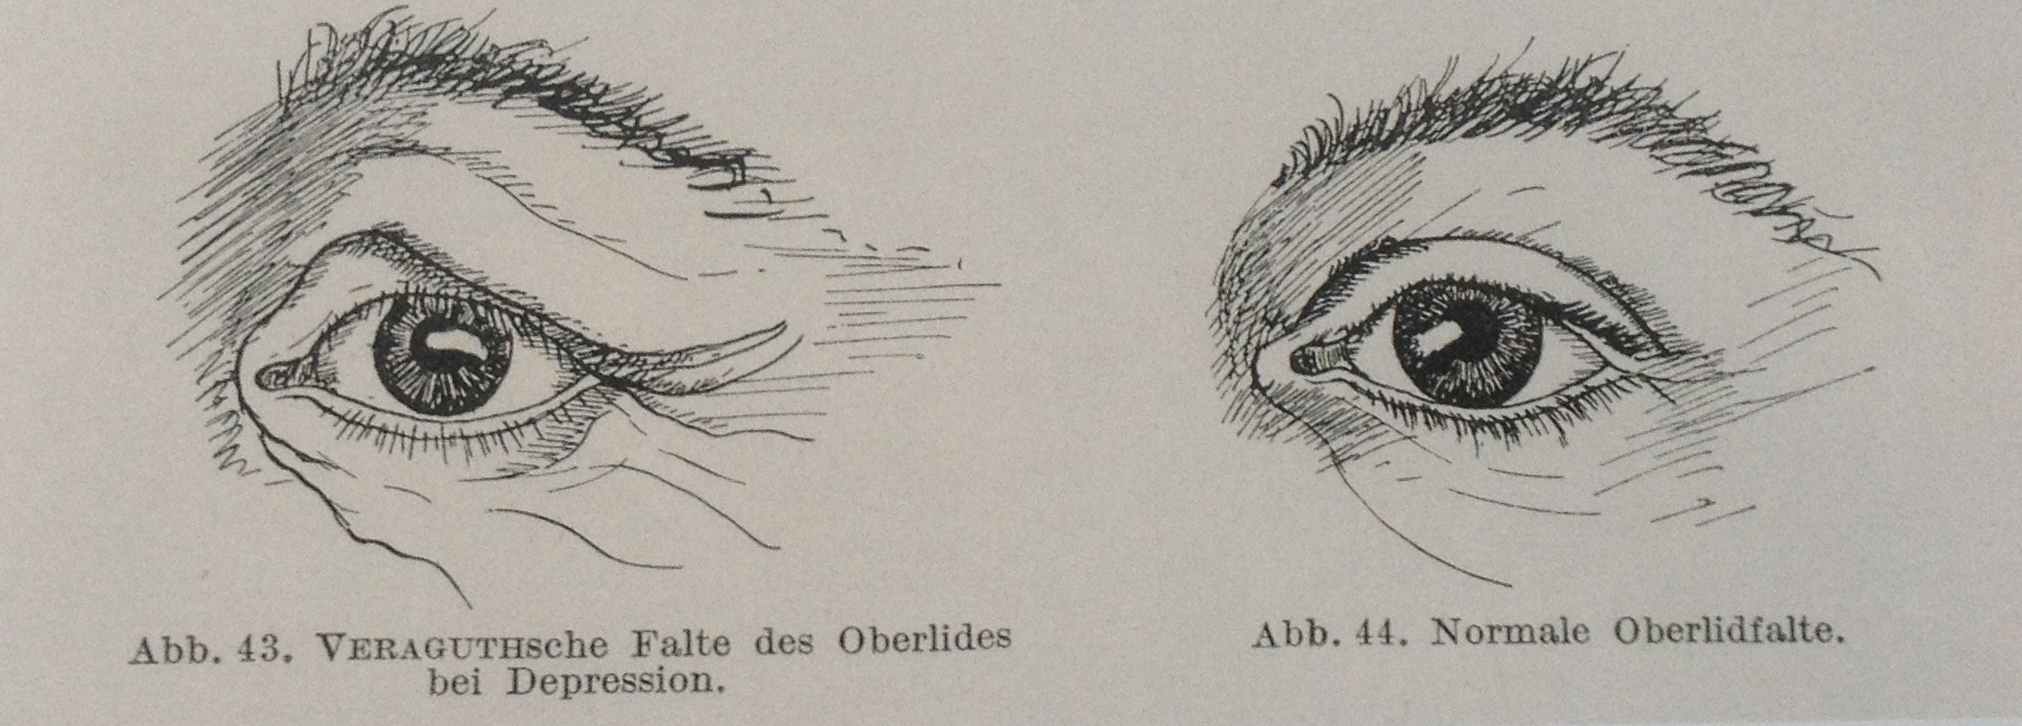 Eugen Bleuler, Lehrbuch der Psychiatrie, 1916